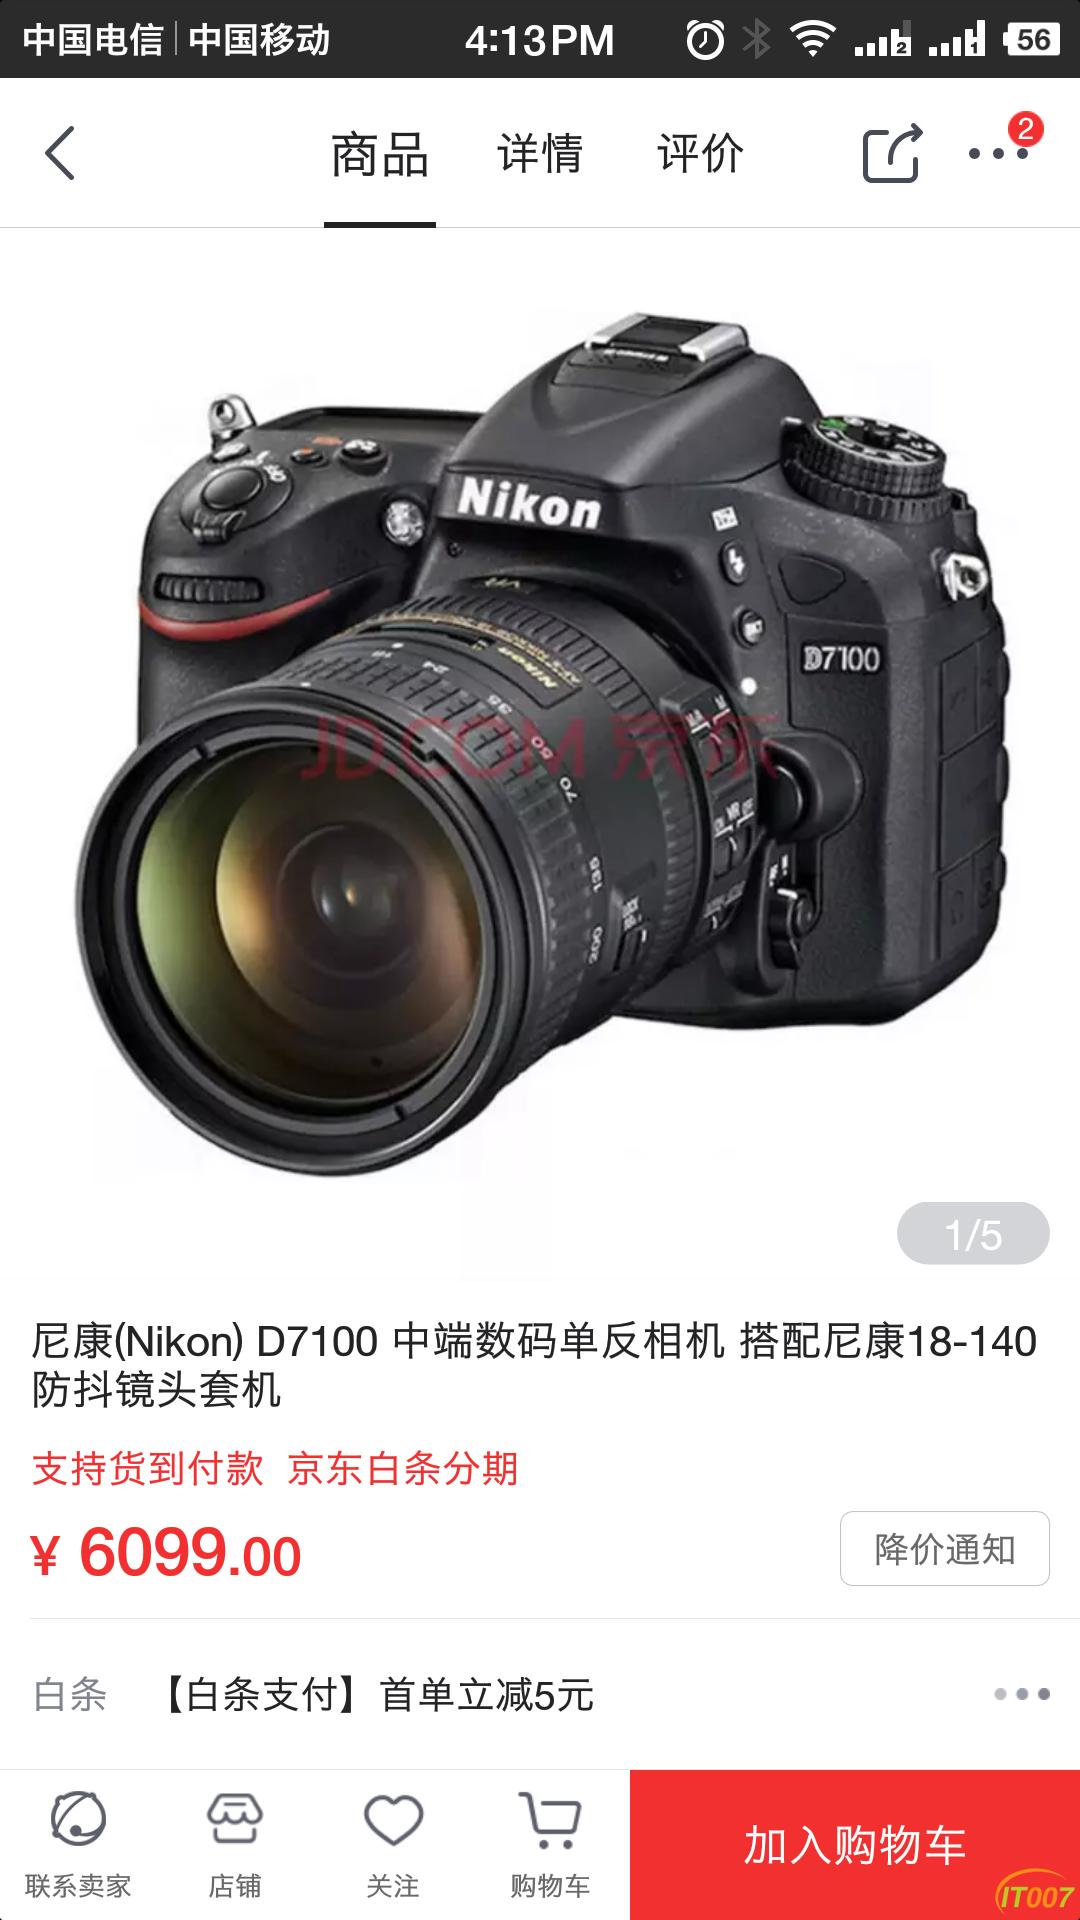 Screenshot_2018-03-13-16-13-13-784_京东.png